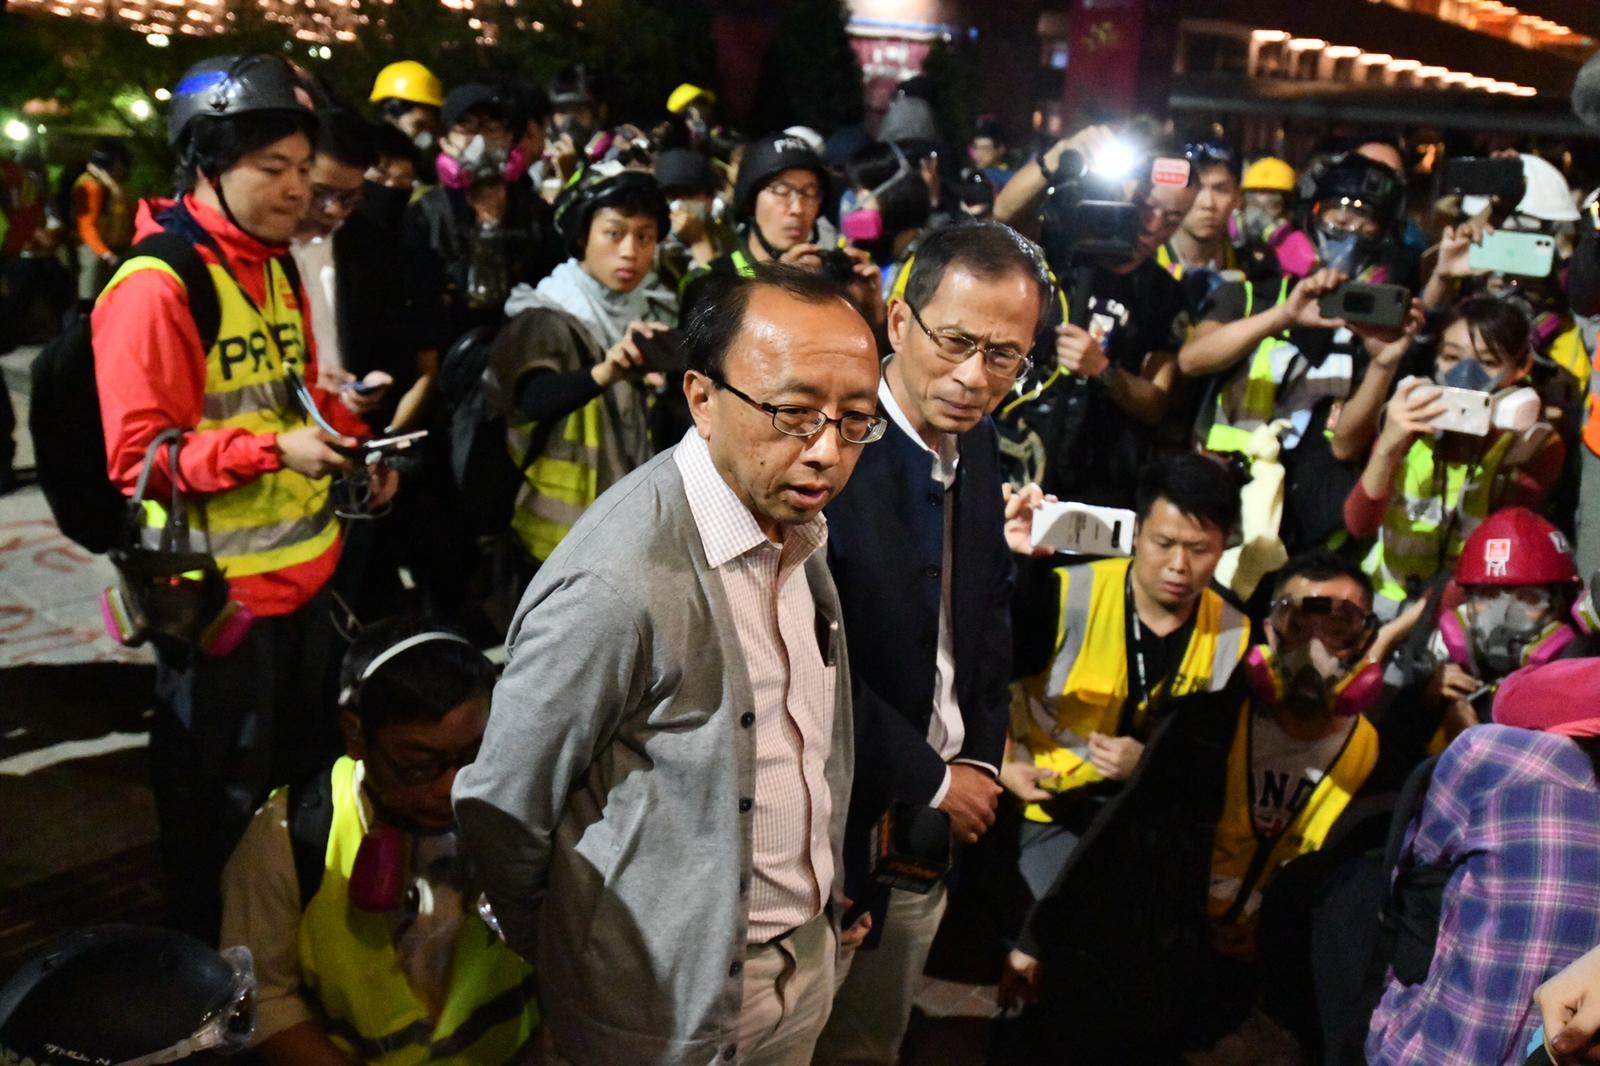 前立法會主席曾鈺成及港大法律系學者張達明進入校園,並帶同約百名年輕人離場。